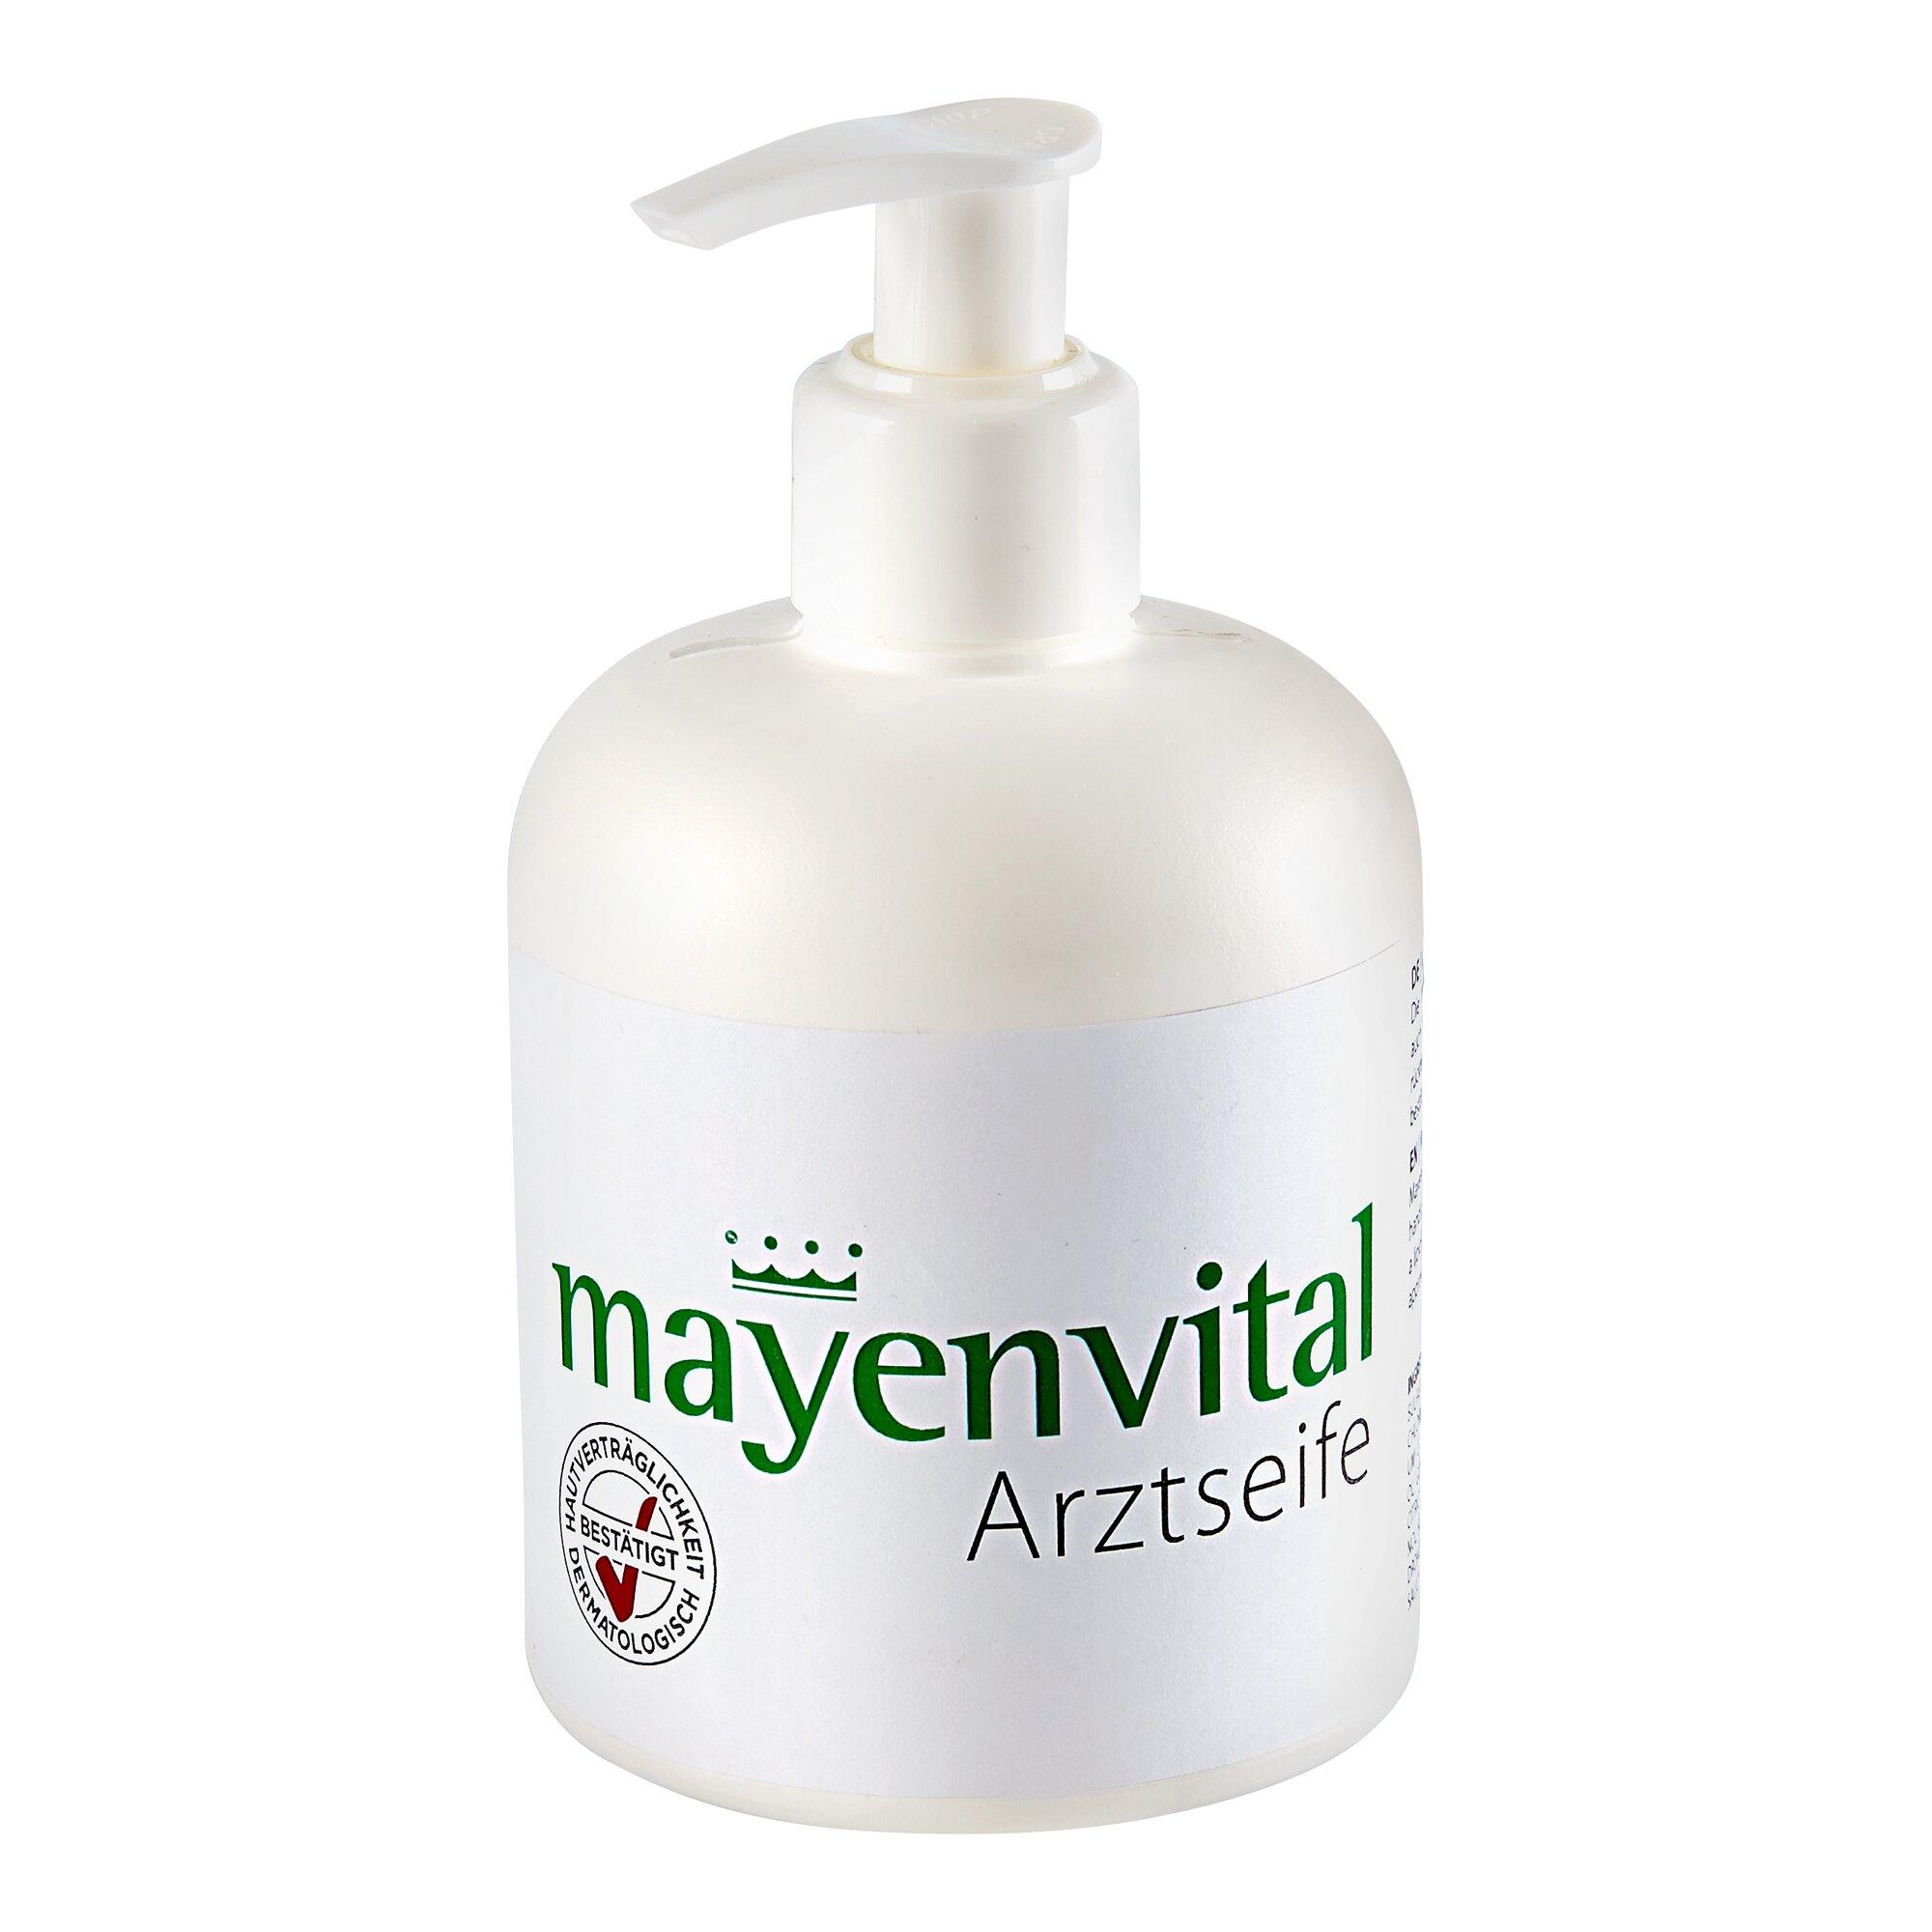 Image of Arztseife antibakteriell, 300 ml